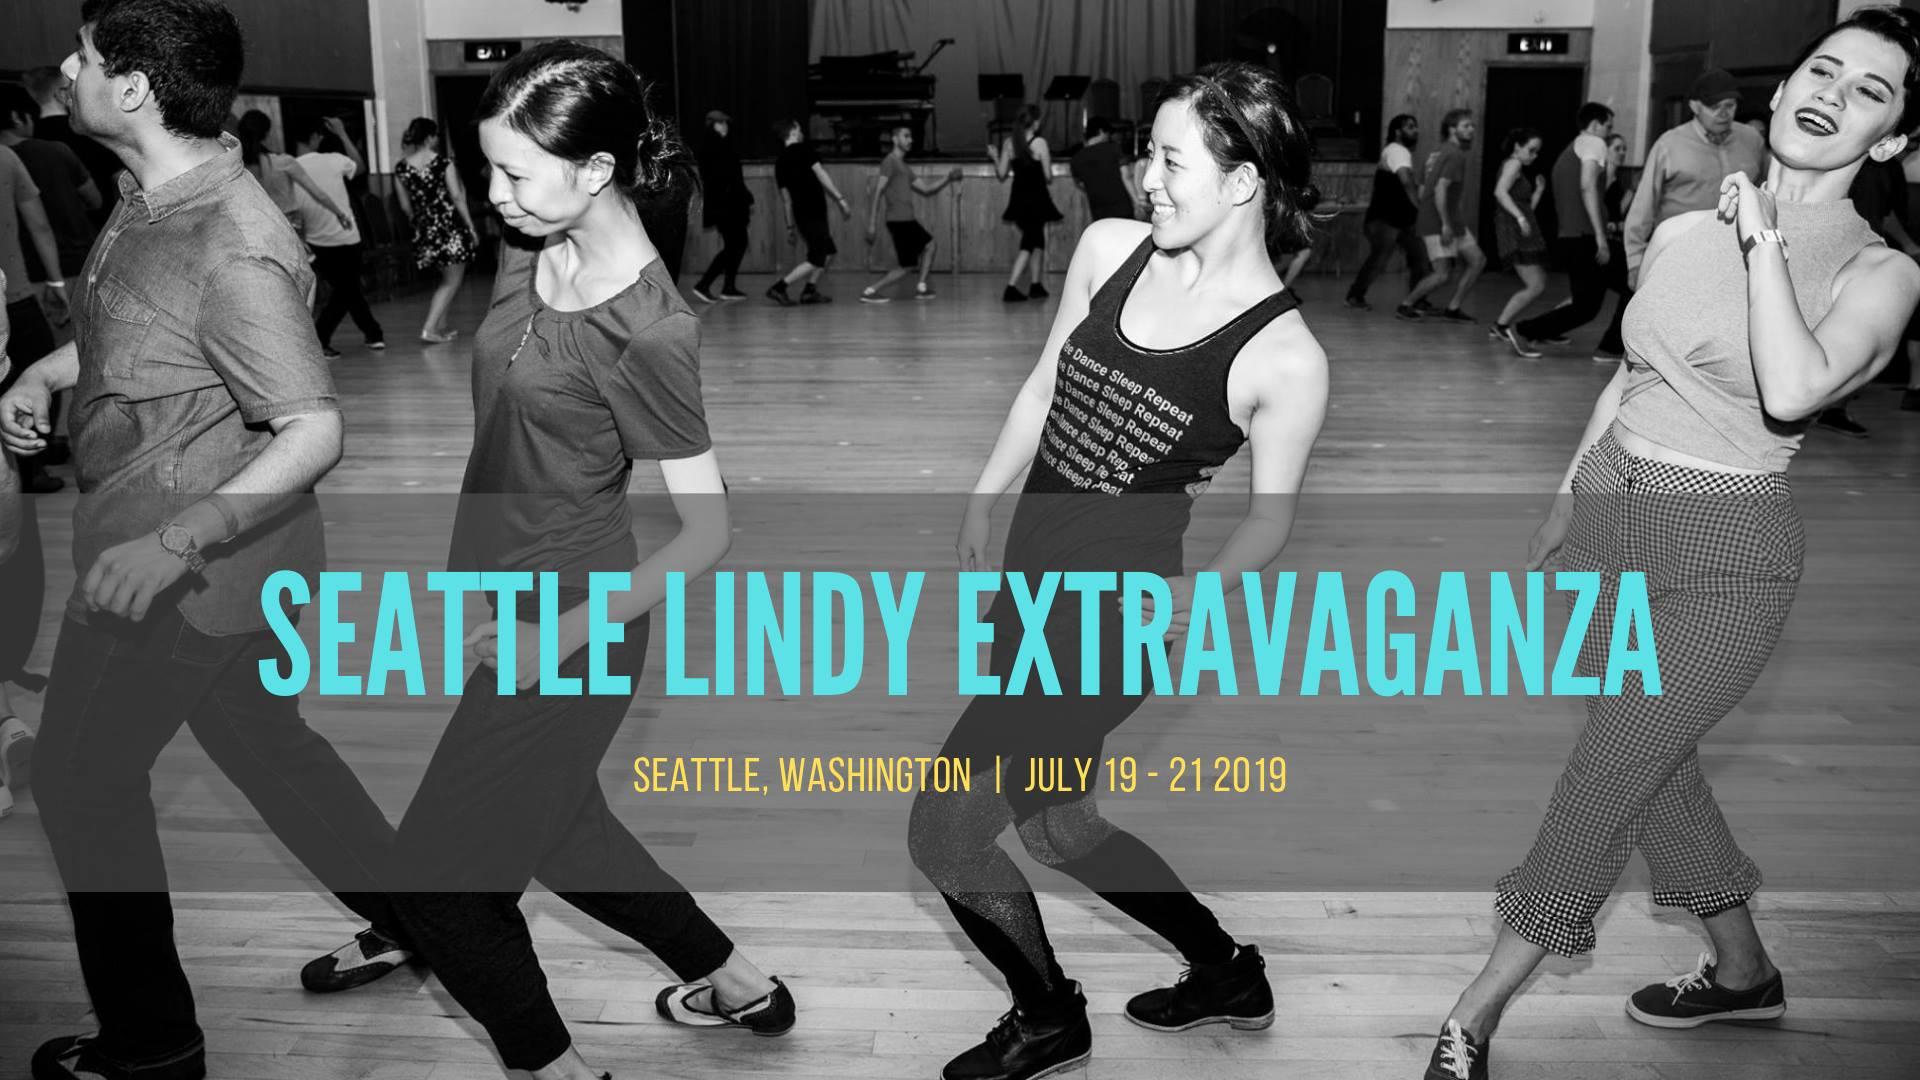 Seattle Lindy Extravaganza 2019 - July 19-21, Seattle WA